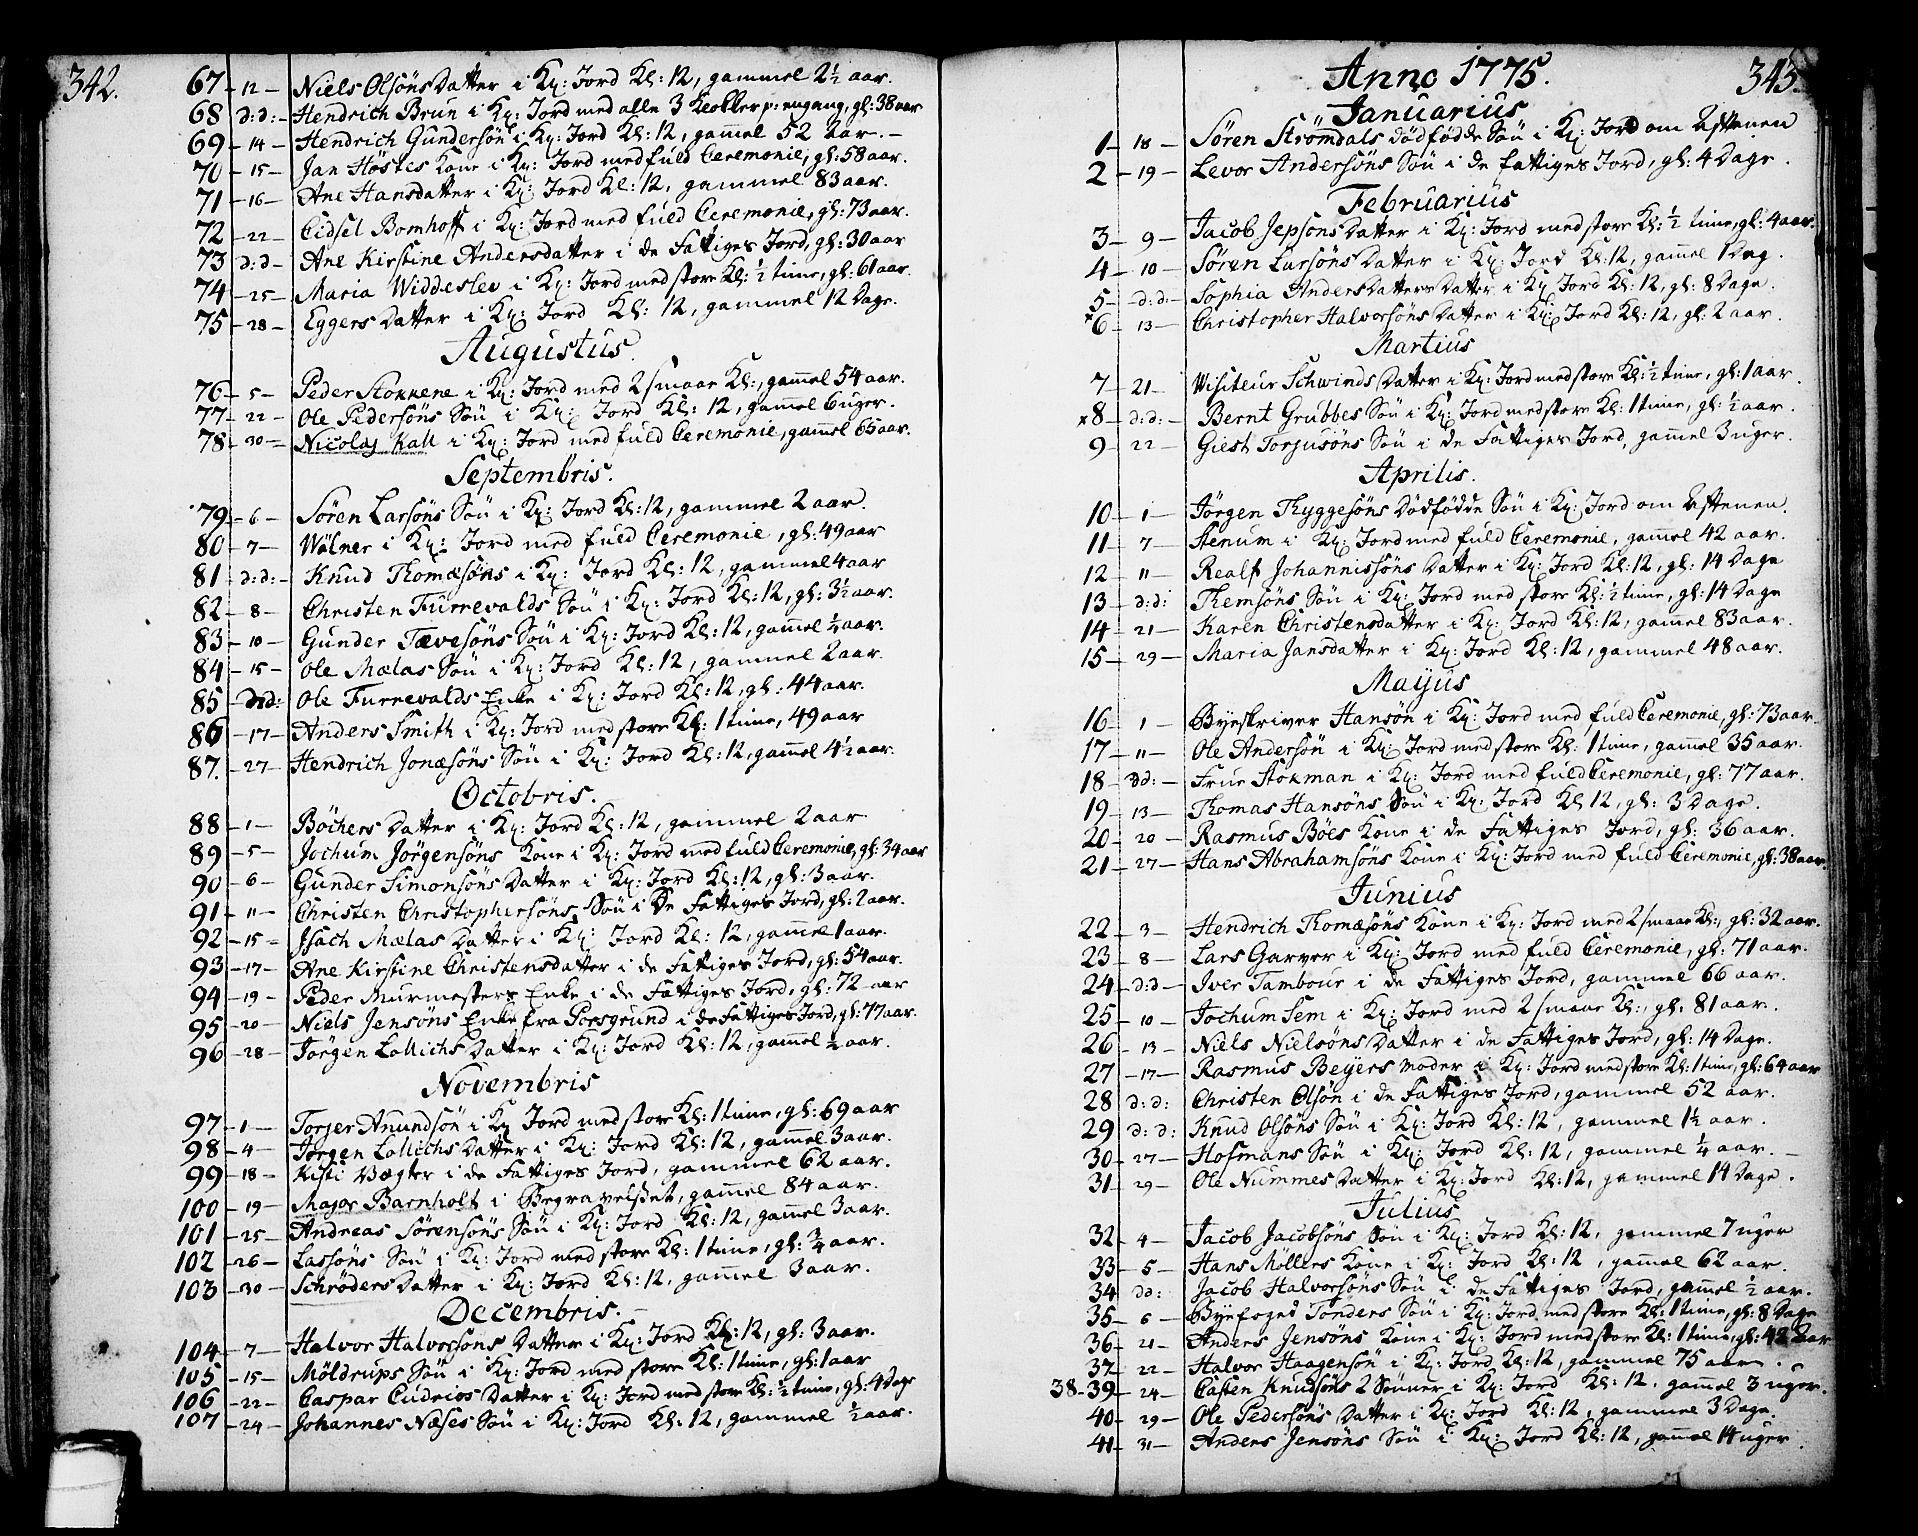 SAKO, Skien kirkebøker, F/Fa/L0003: Ministerialbok nr. 3, 1755-1791, s. 342-343